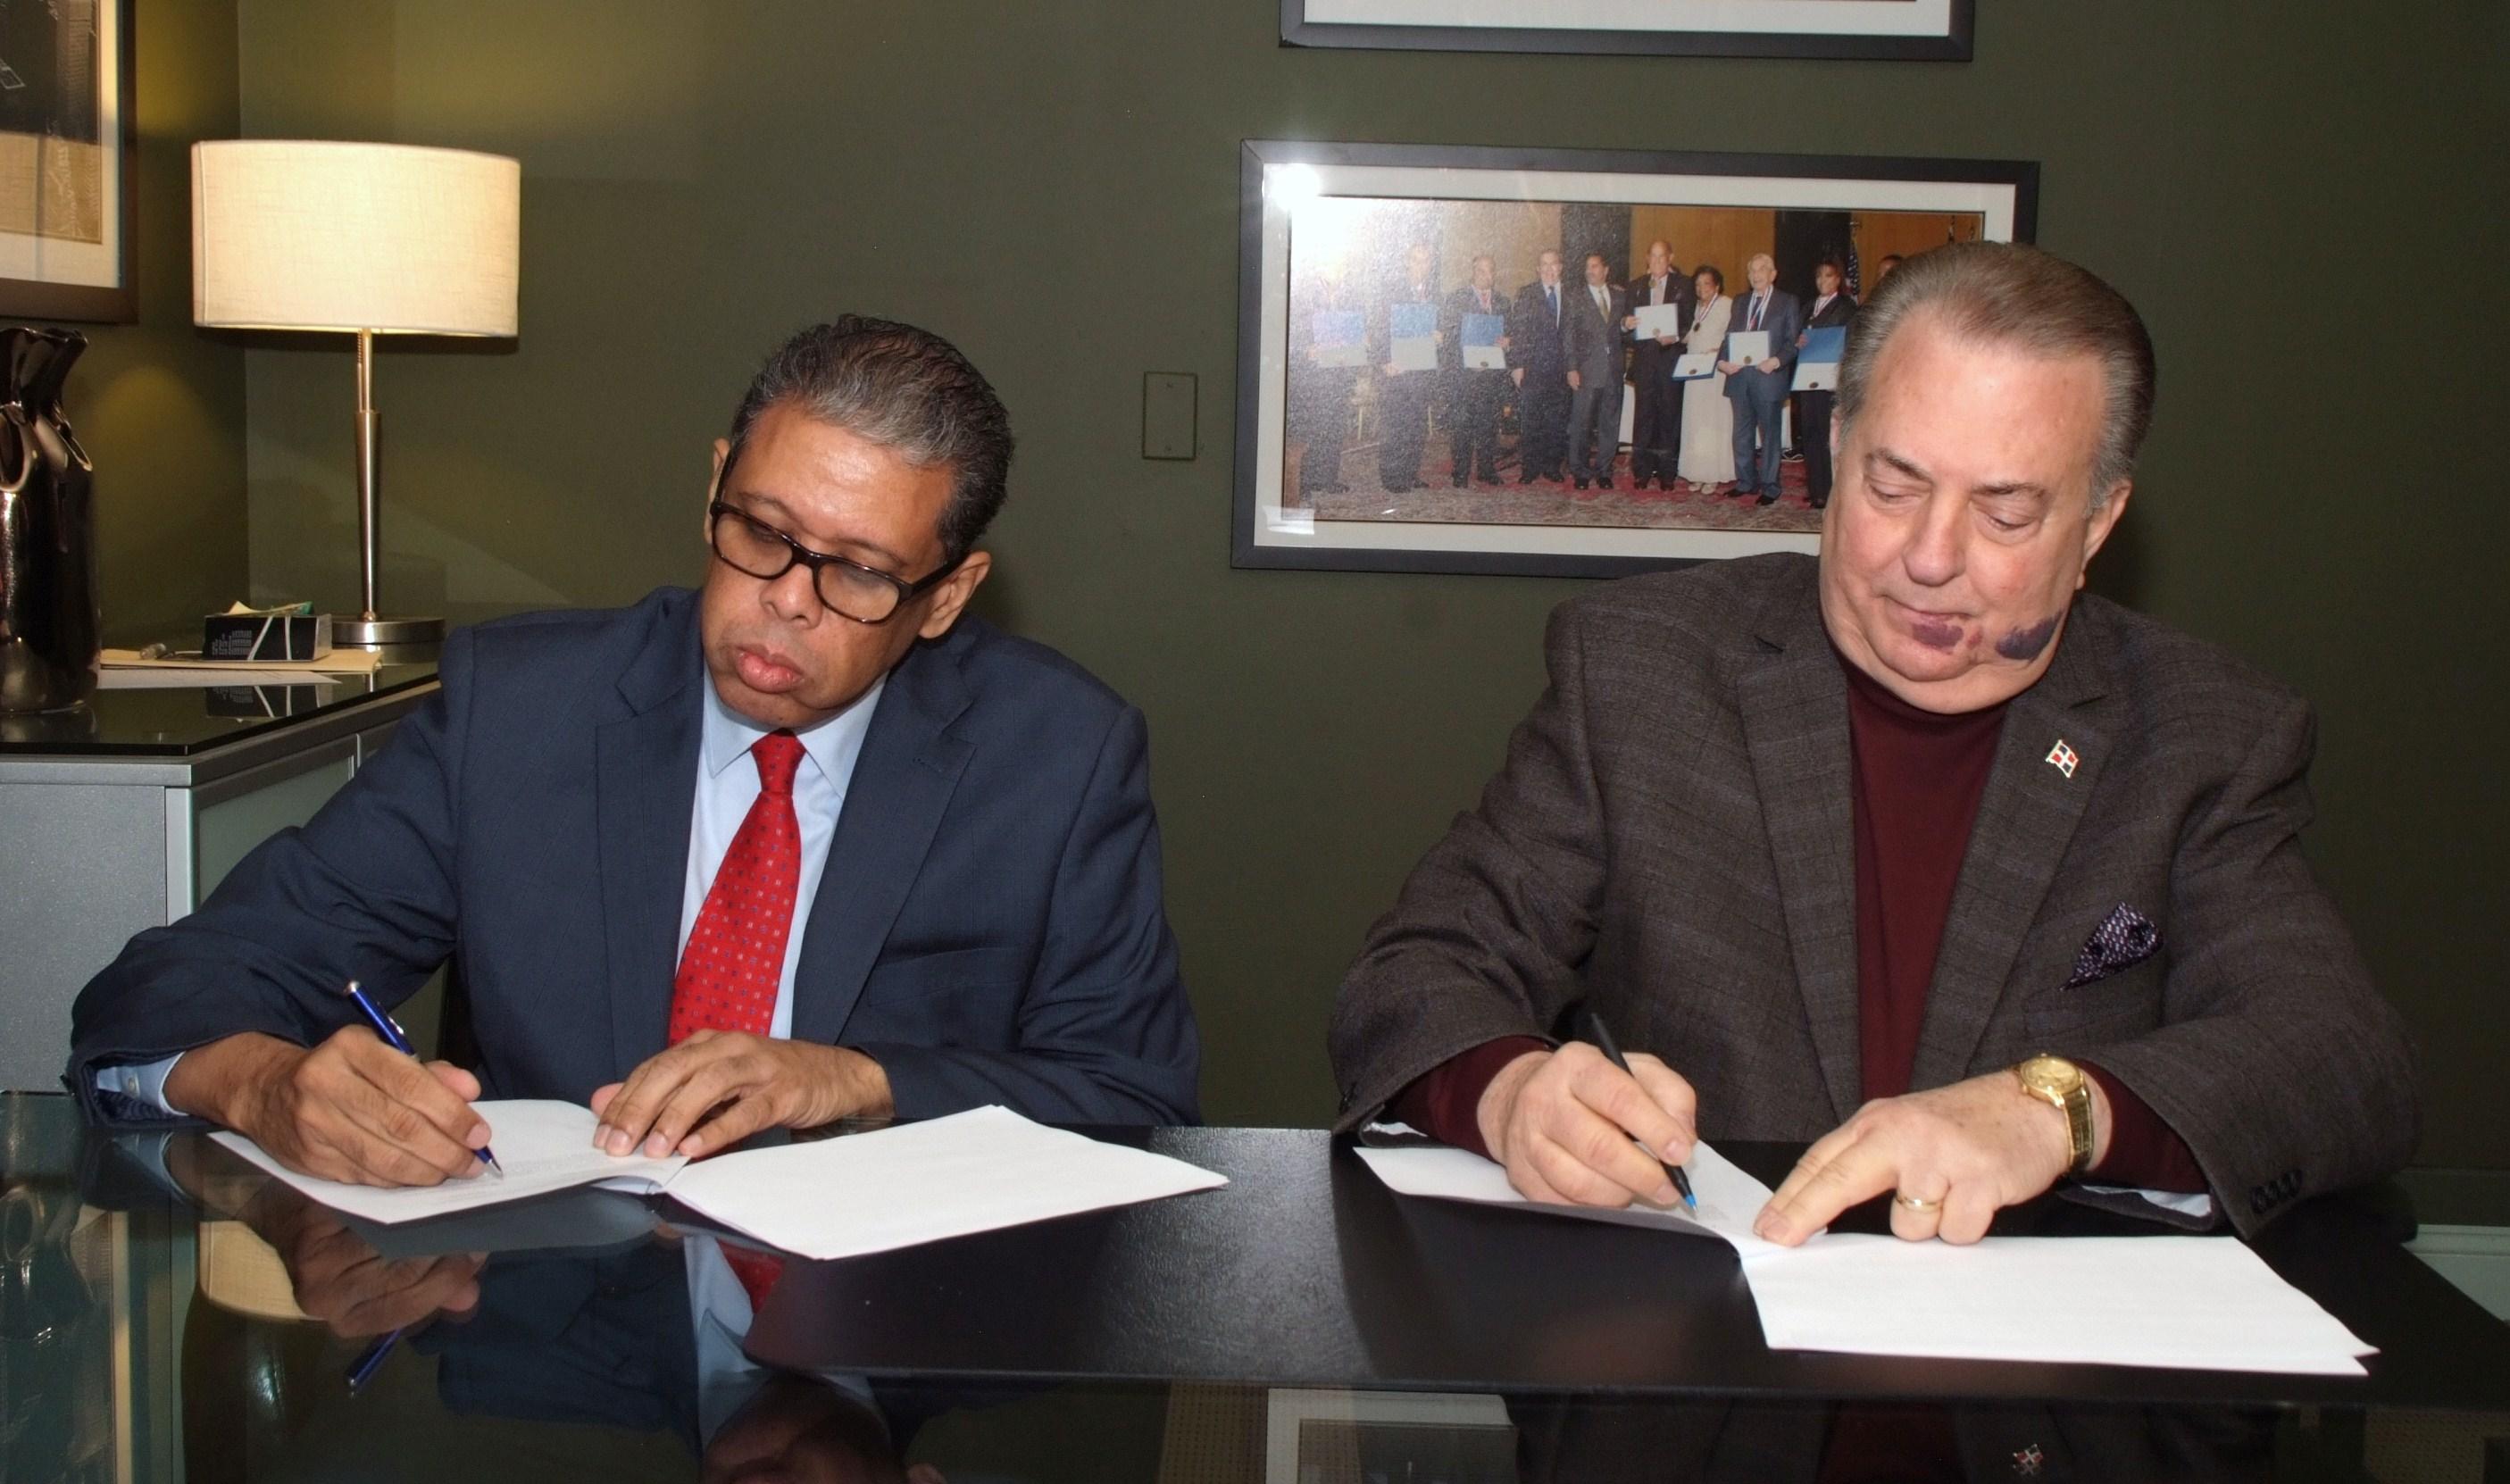 Firman acuerdo para facilitar a dominicanos enviar documentos a través de Inposdom